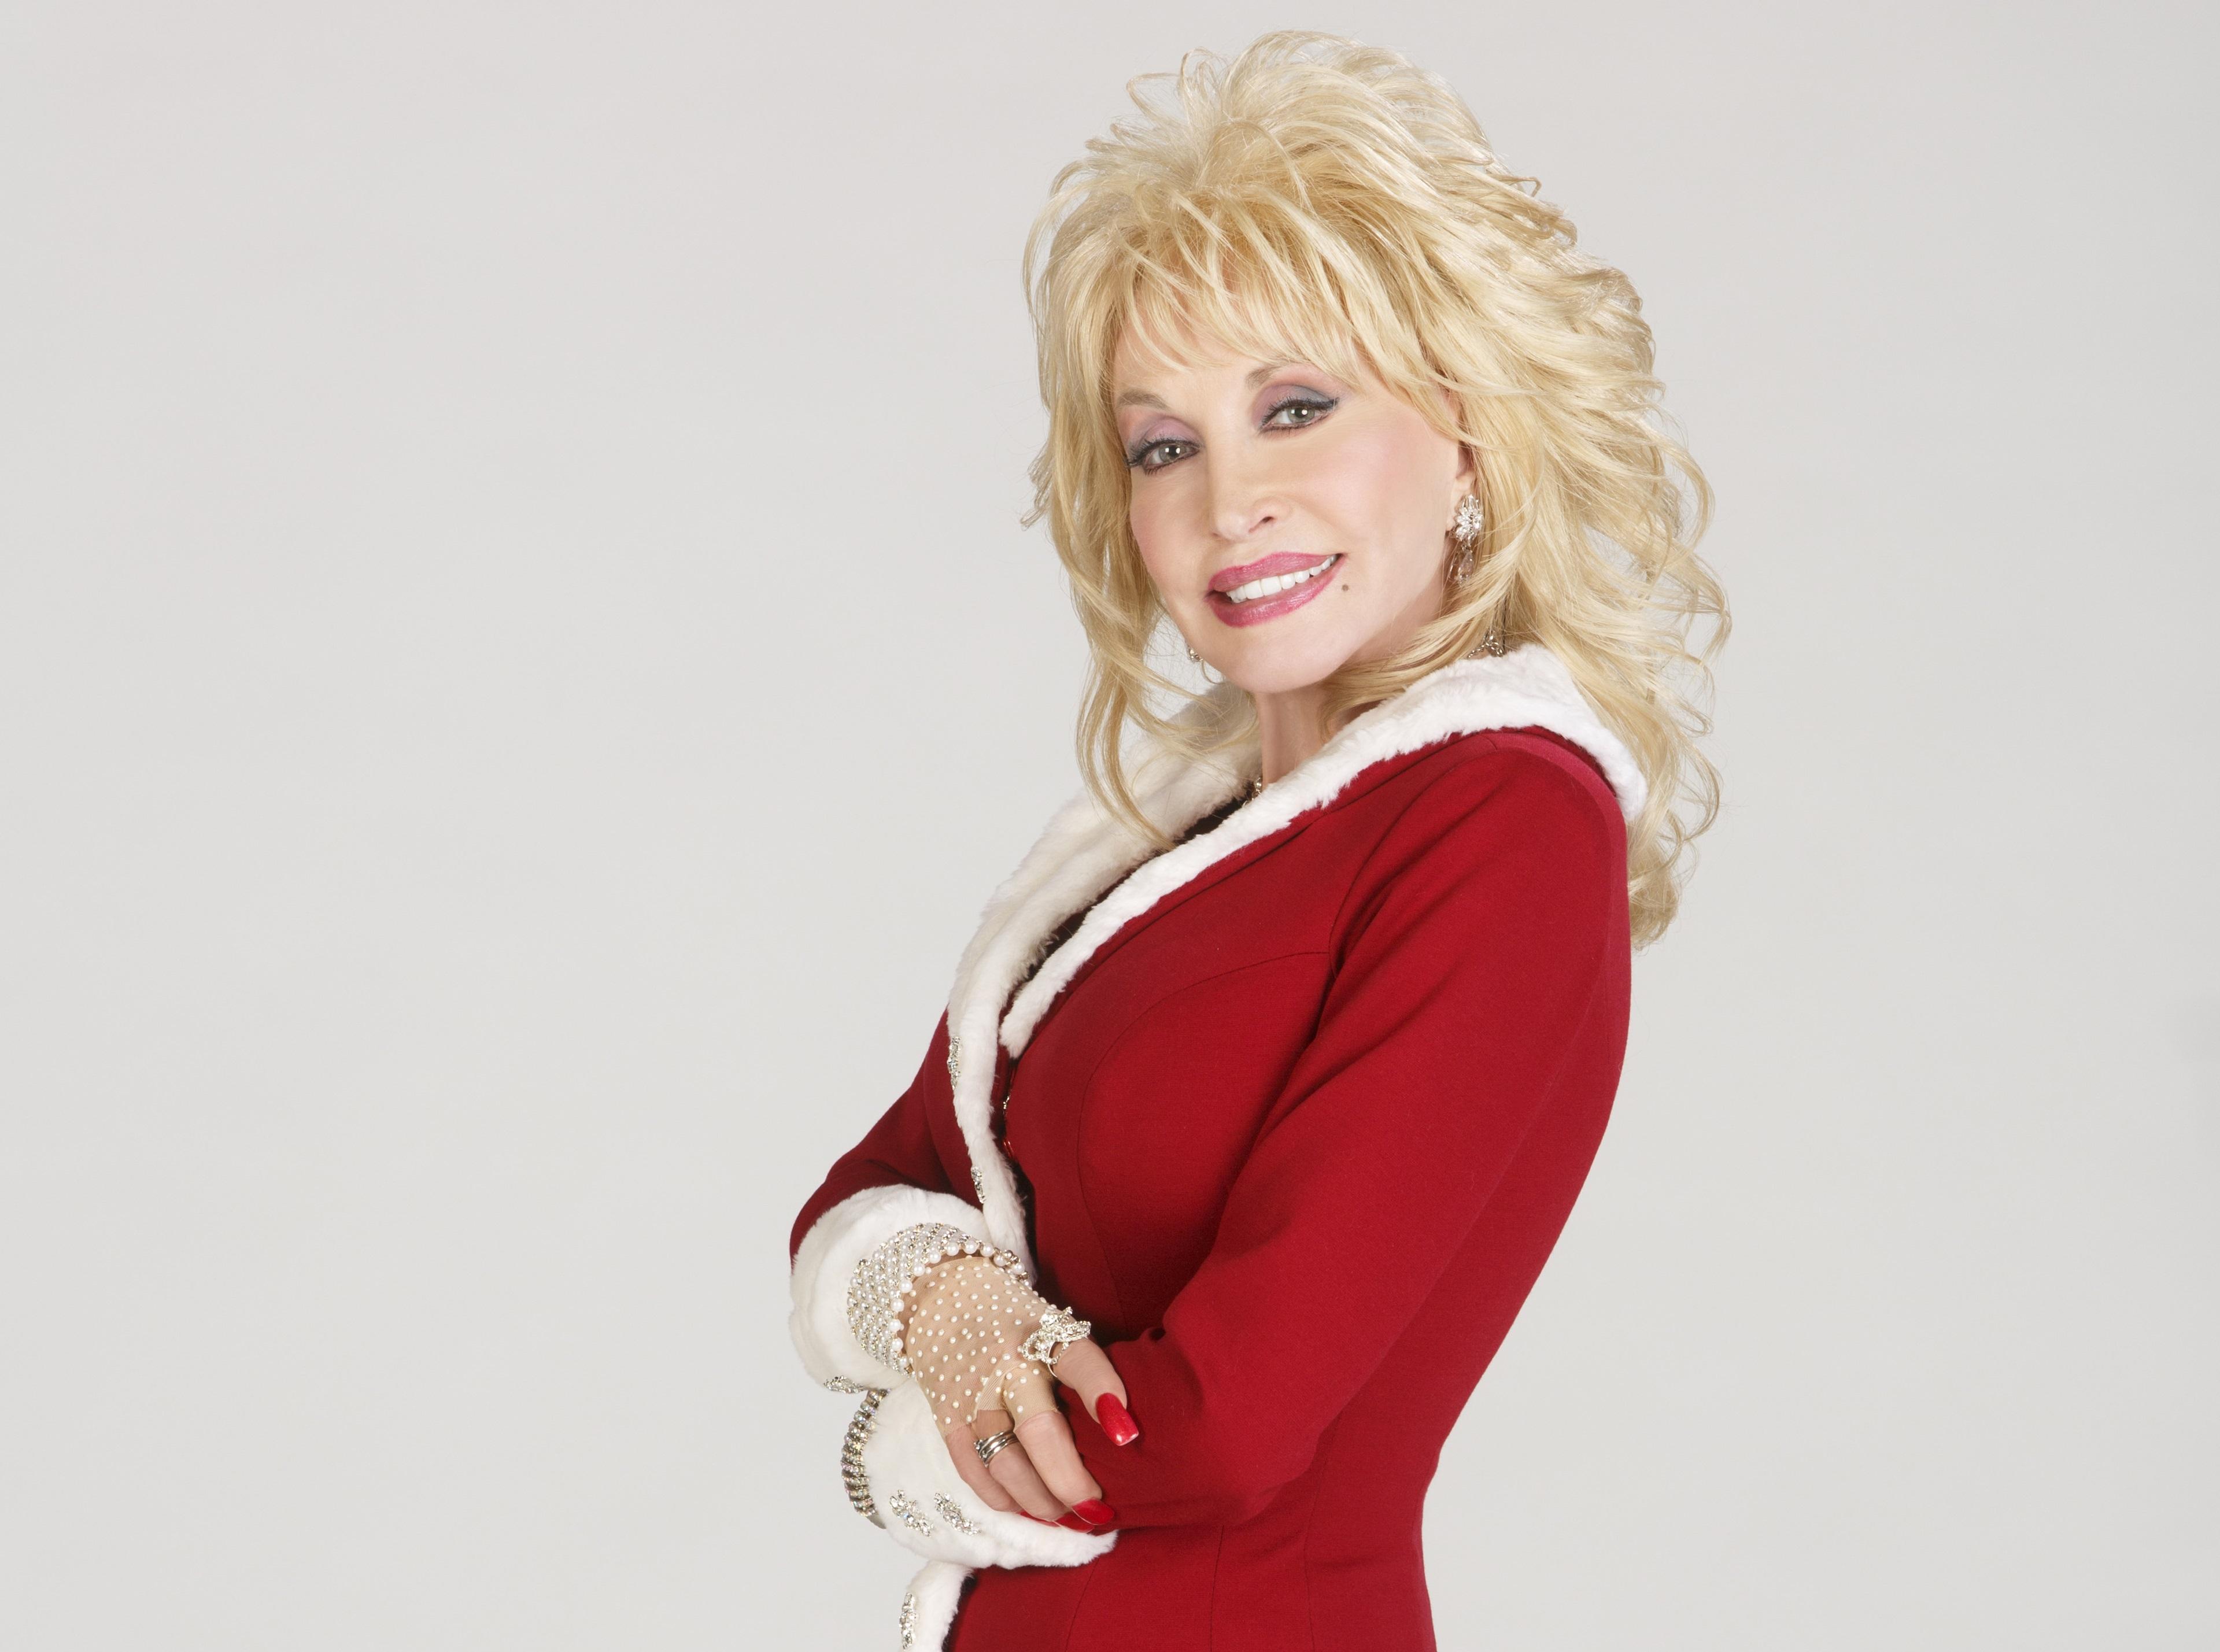 Dolly Parton Hd Desktop